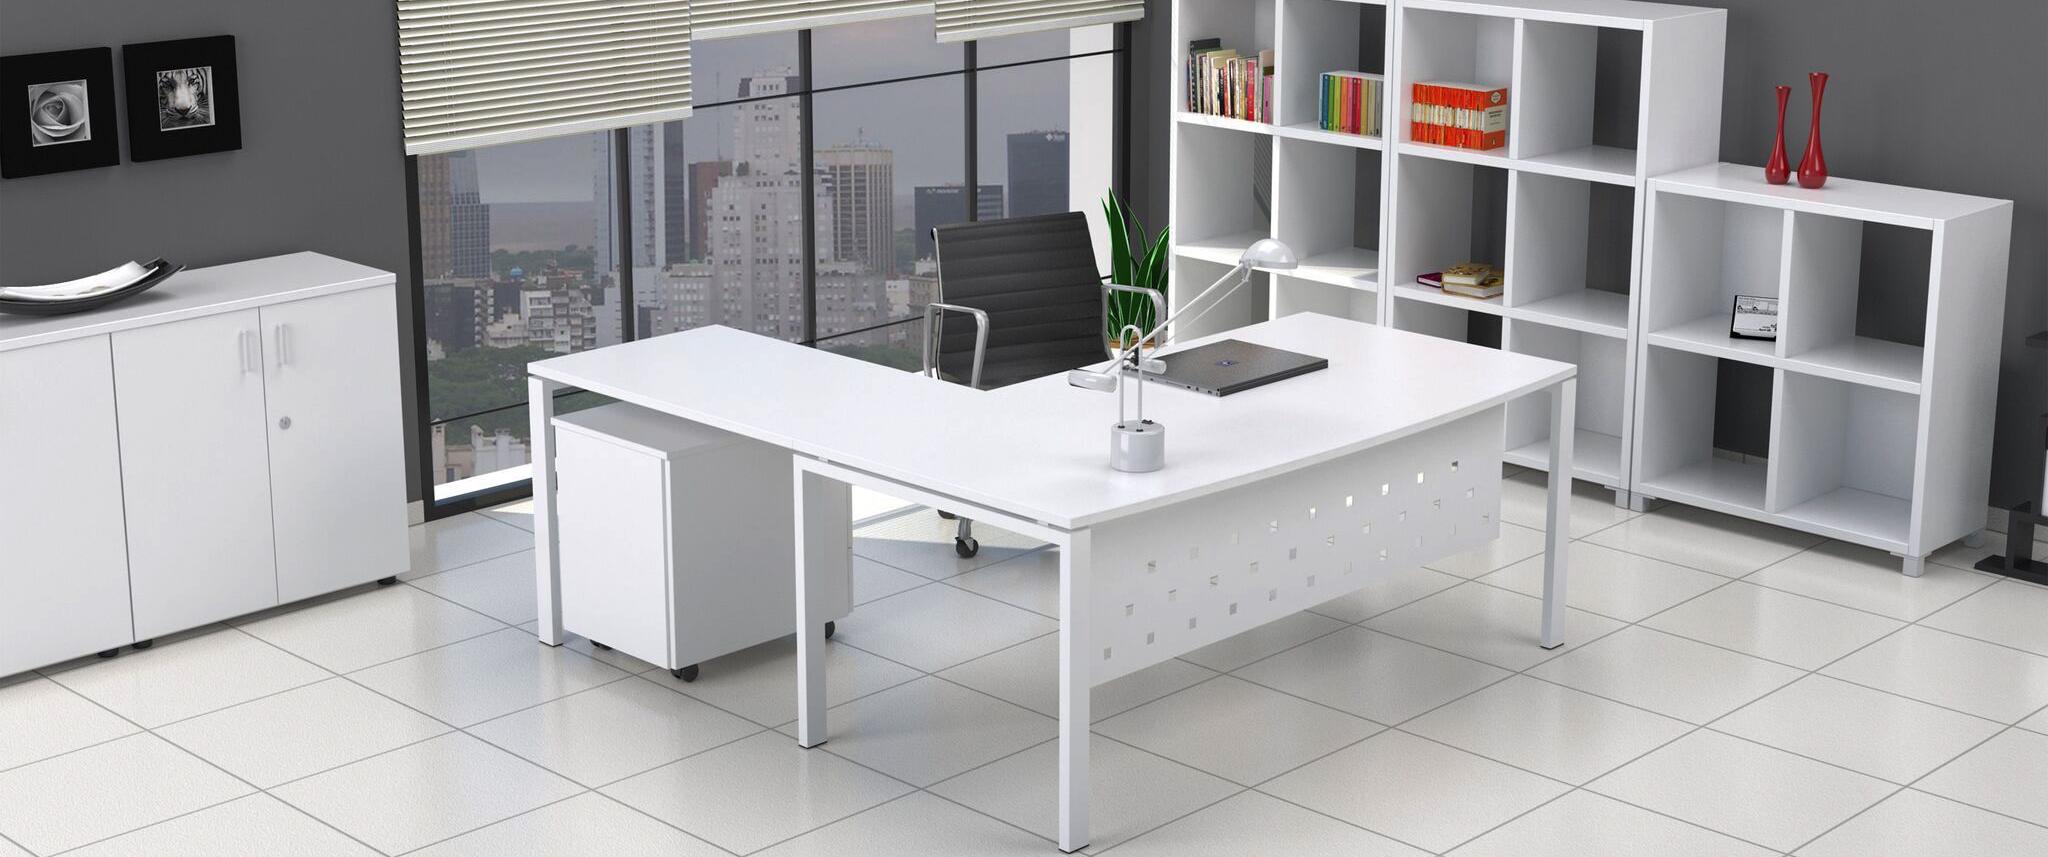 Mobiliario de oficina expertos en dise o de oficinas for Mobiliario diseno oficina